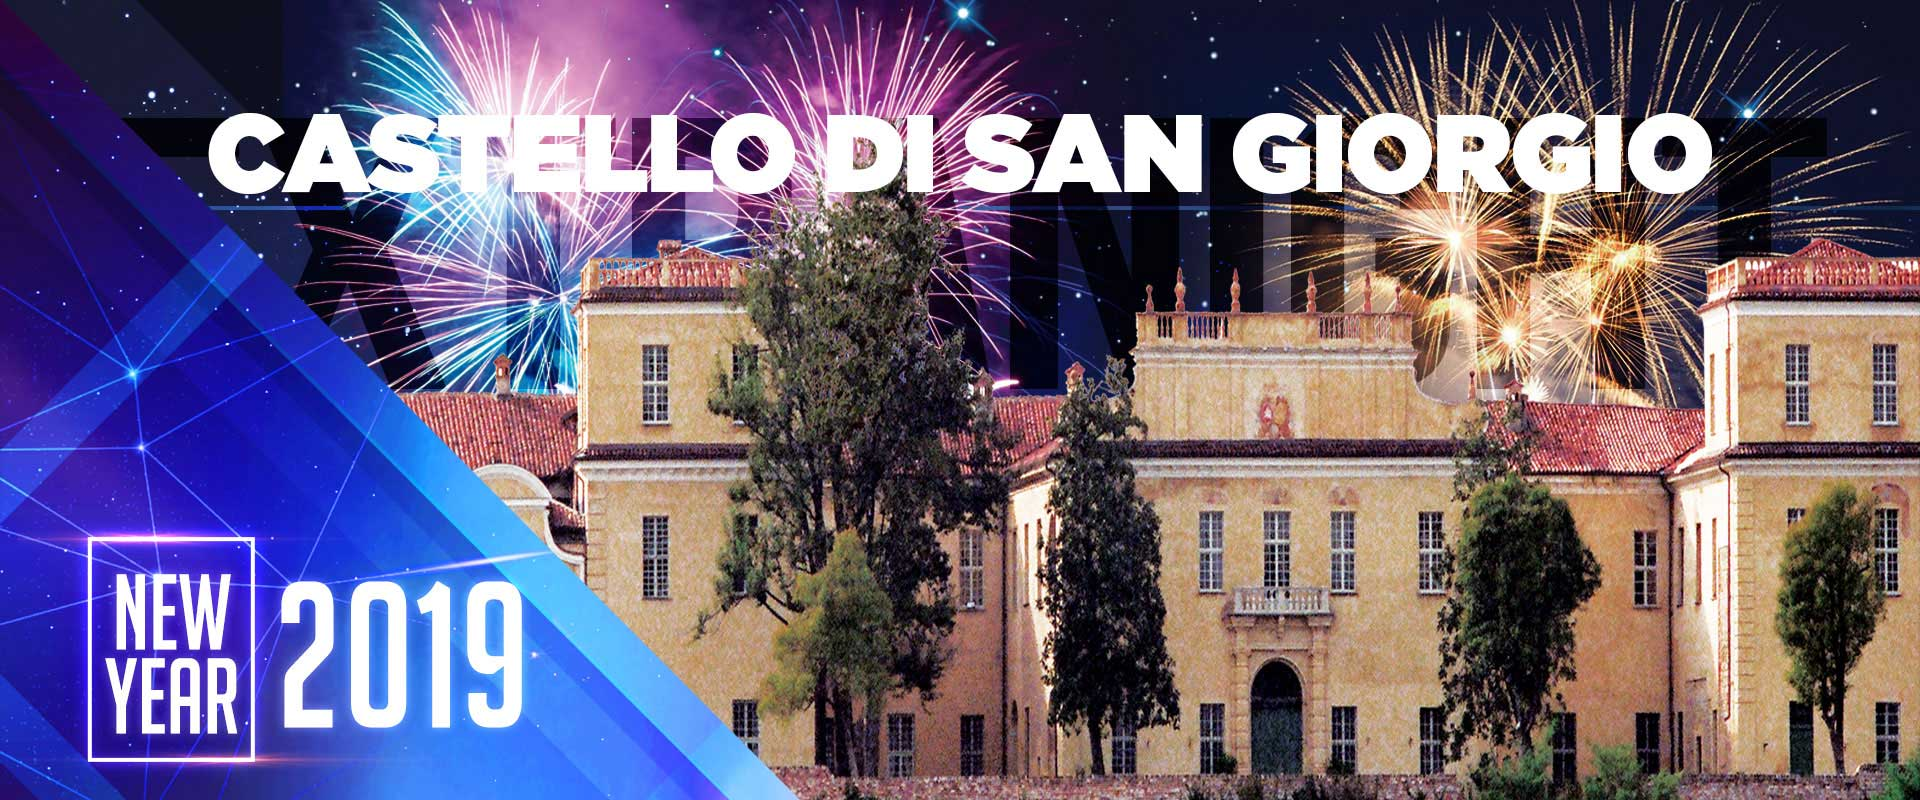 Locandina capodanno 2019 al castello di san giorgio